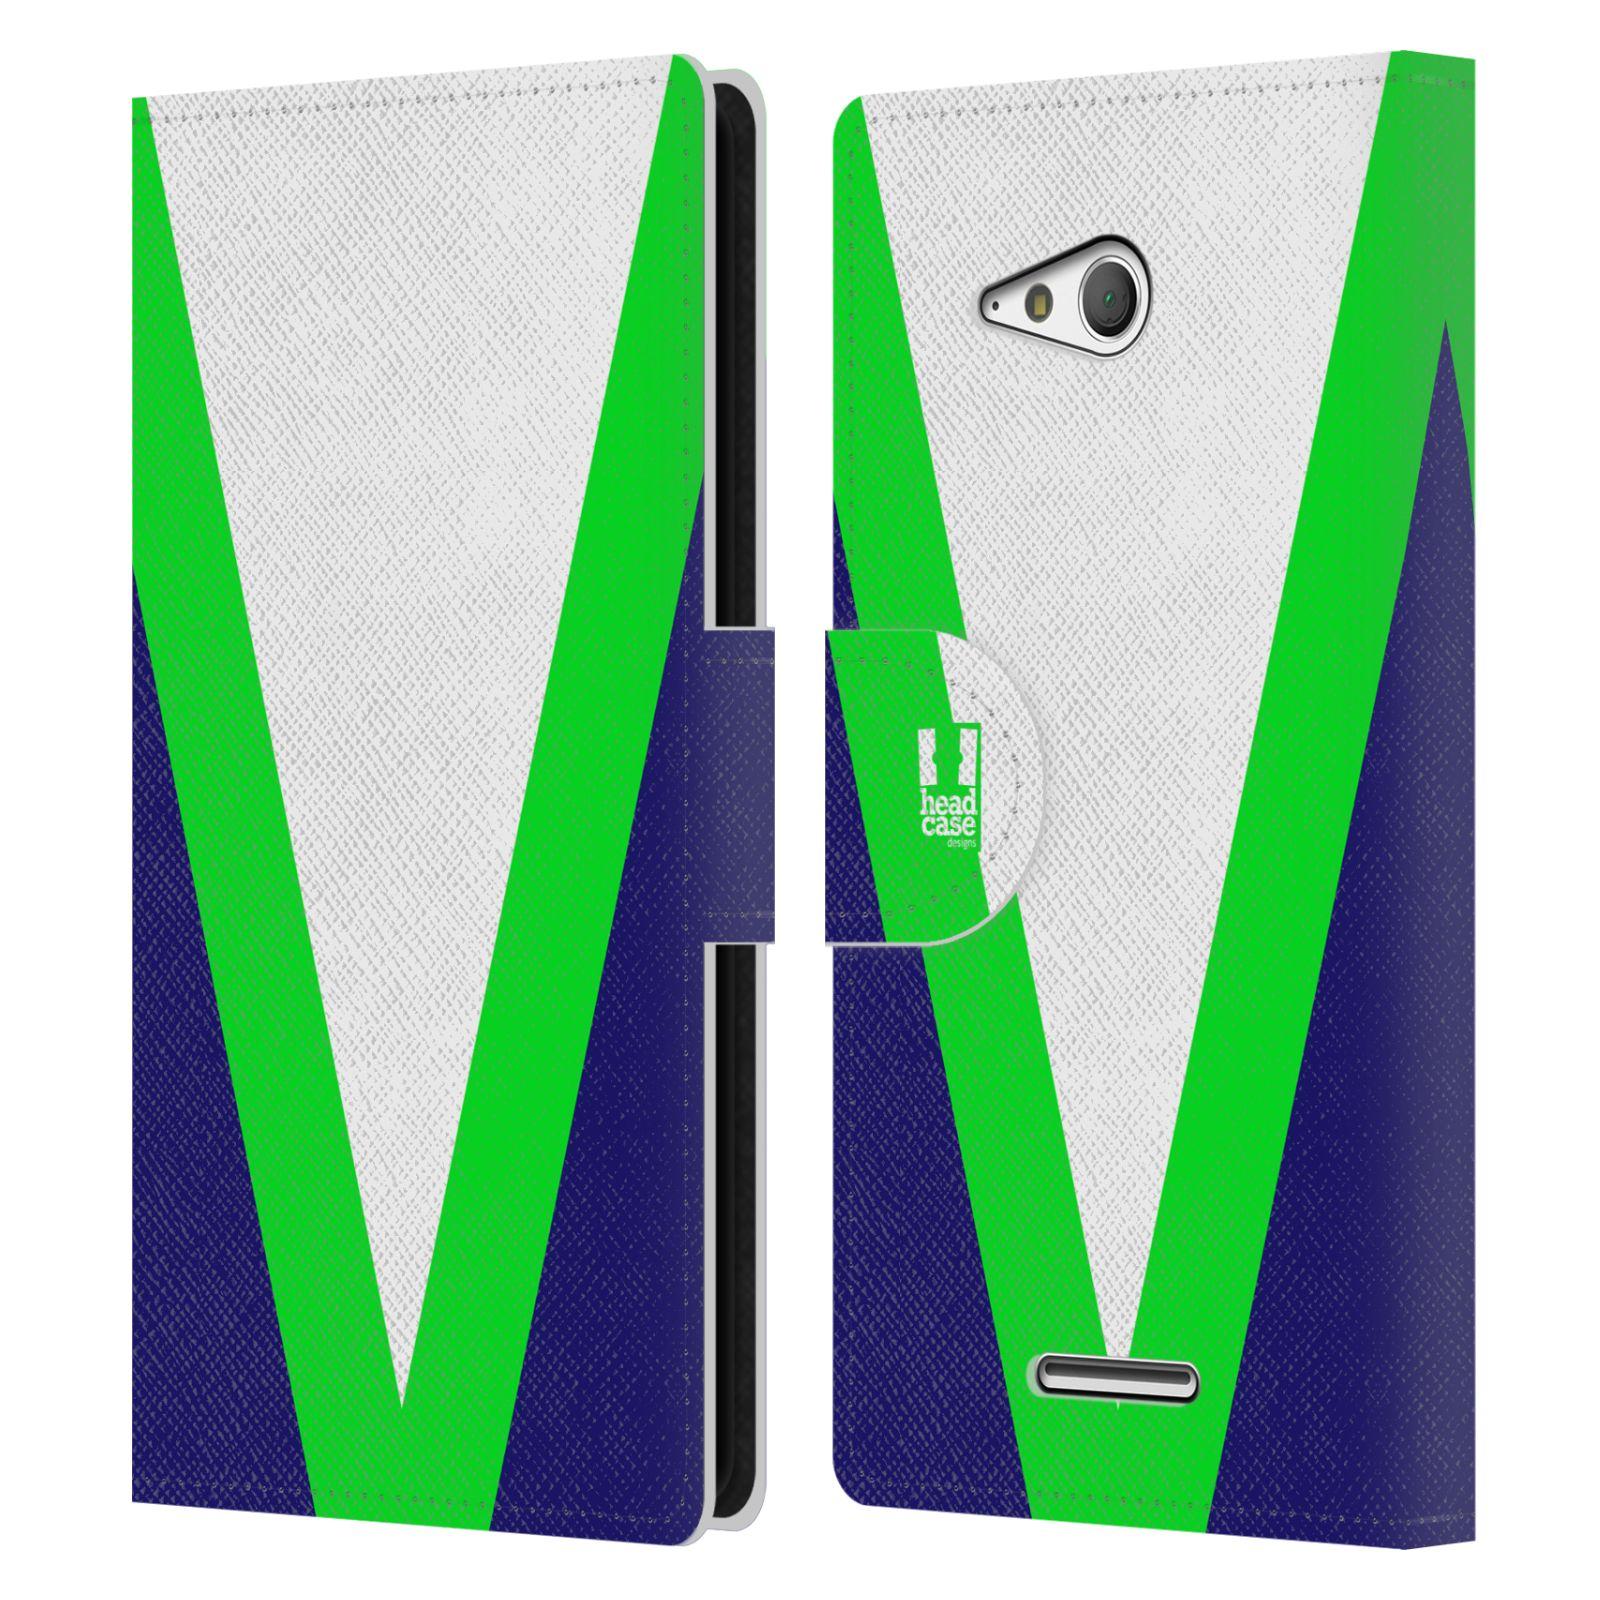 HEAD CASE Flipové pouzdro pro mobil SONY Xperia E4g barevné tvary zelená a modrá